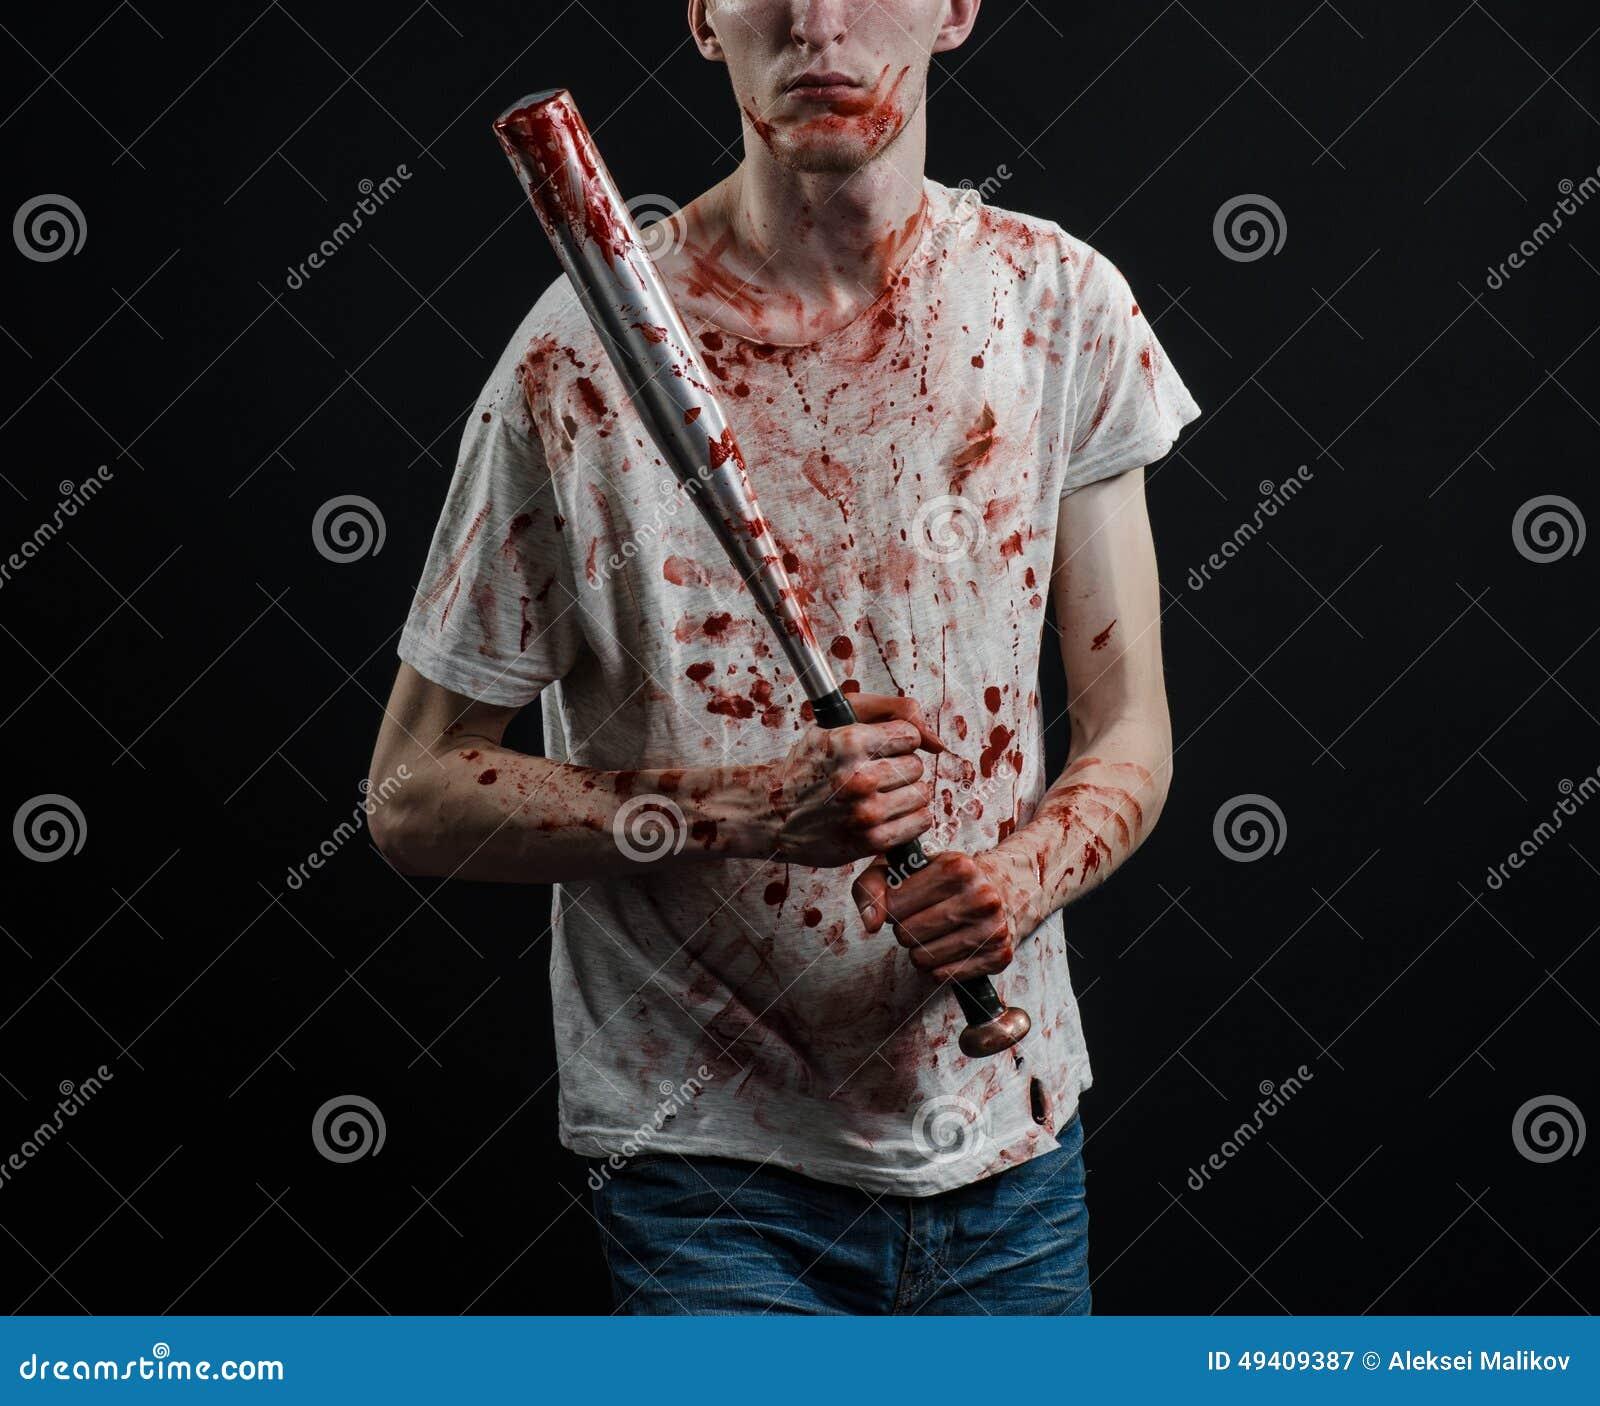 Download Blutiges Thema: Der Kerl In Einem Blutigen T-Shirt, Das Einen Blutigen Schläger Auf Einem Schwarzen Hintergrund Hält Stockbild - Bild von getrennt, kerl: 49409387